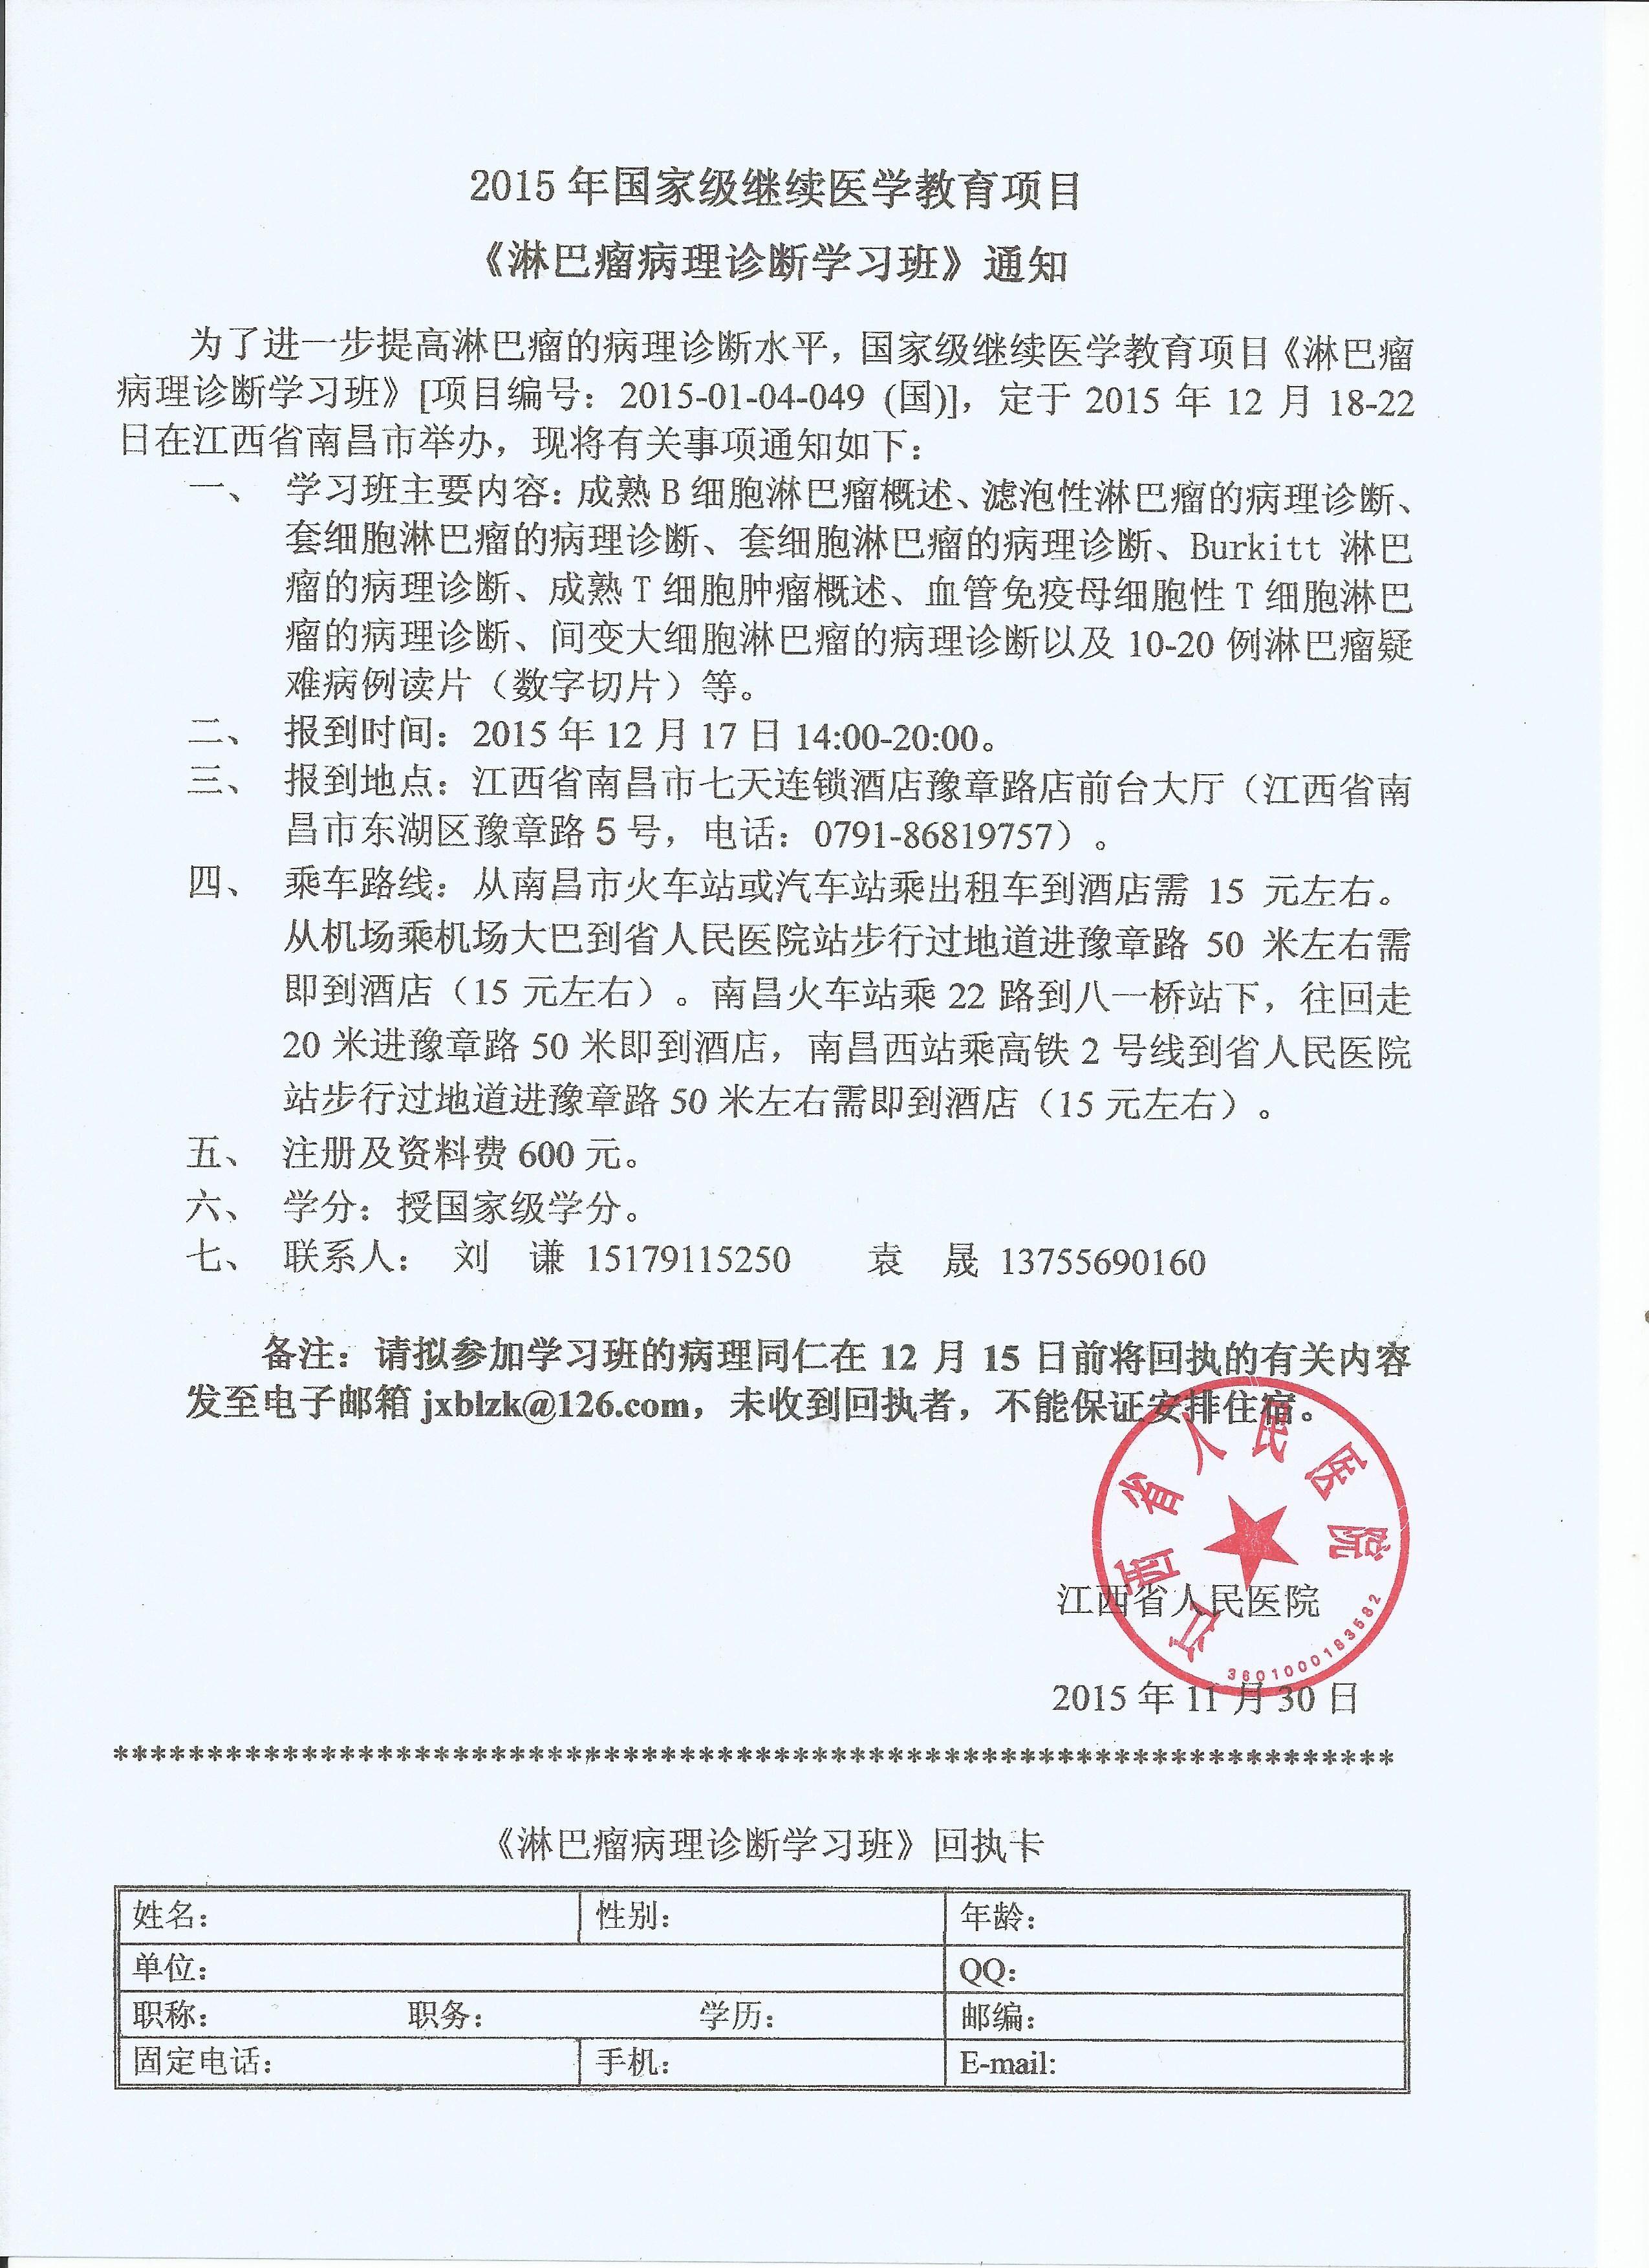 江西省2015年国家级继续医学教育项目《淋巴瘤病理诊断学习班》通知